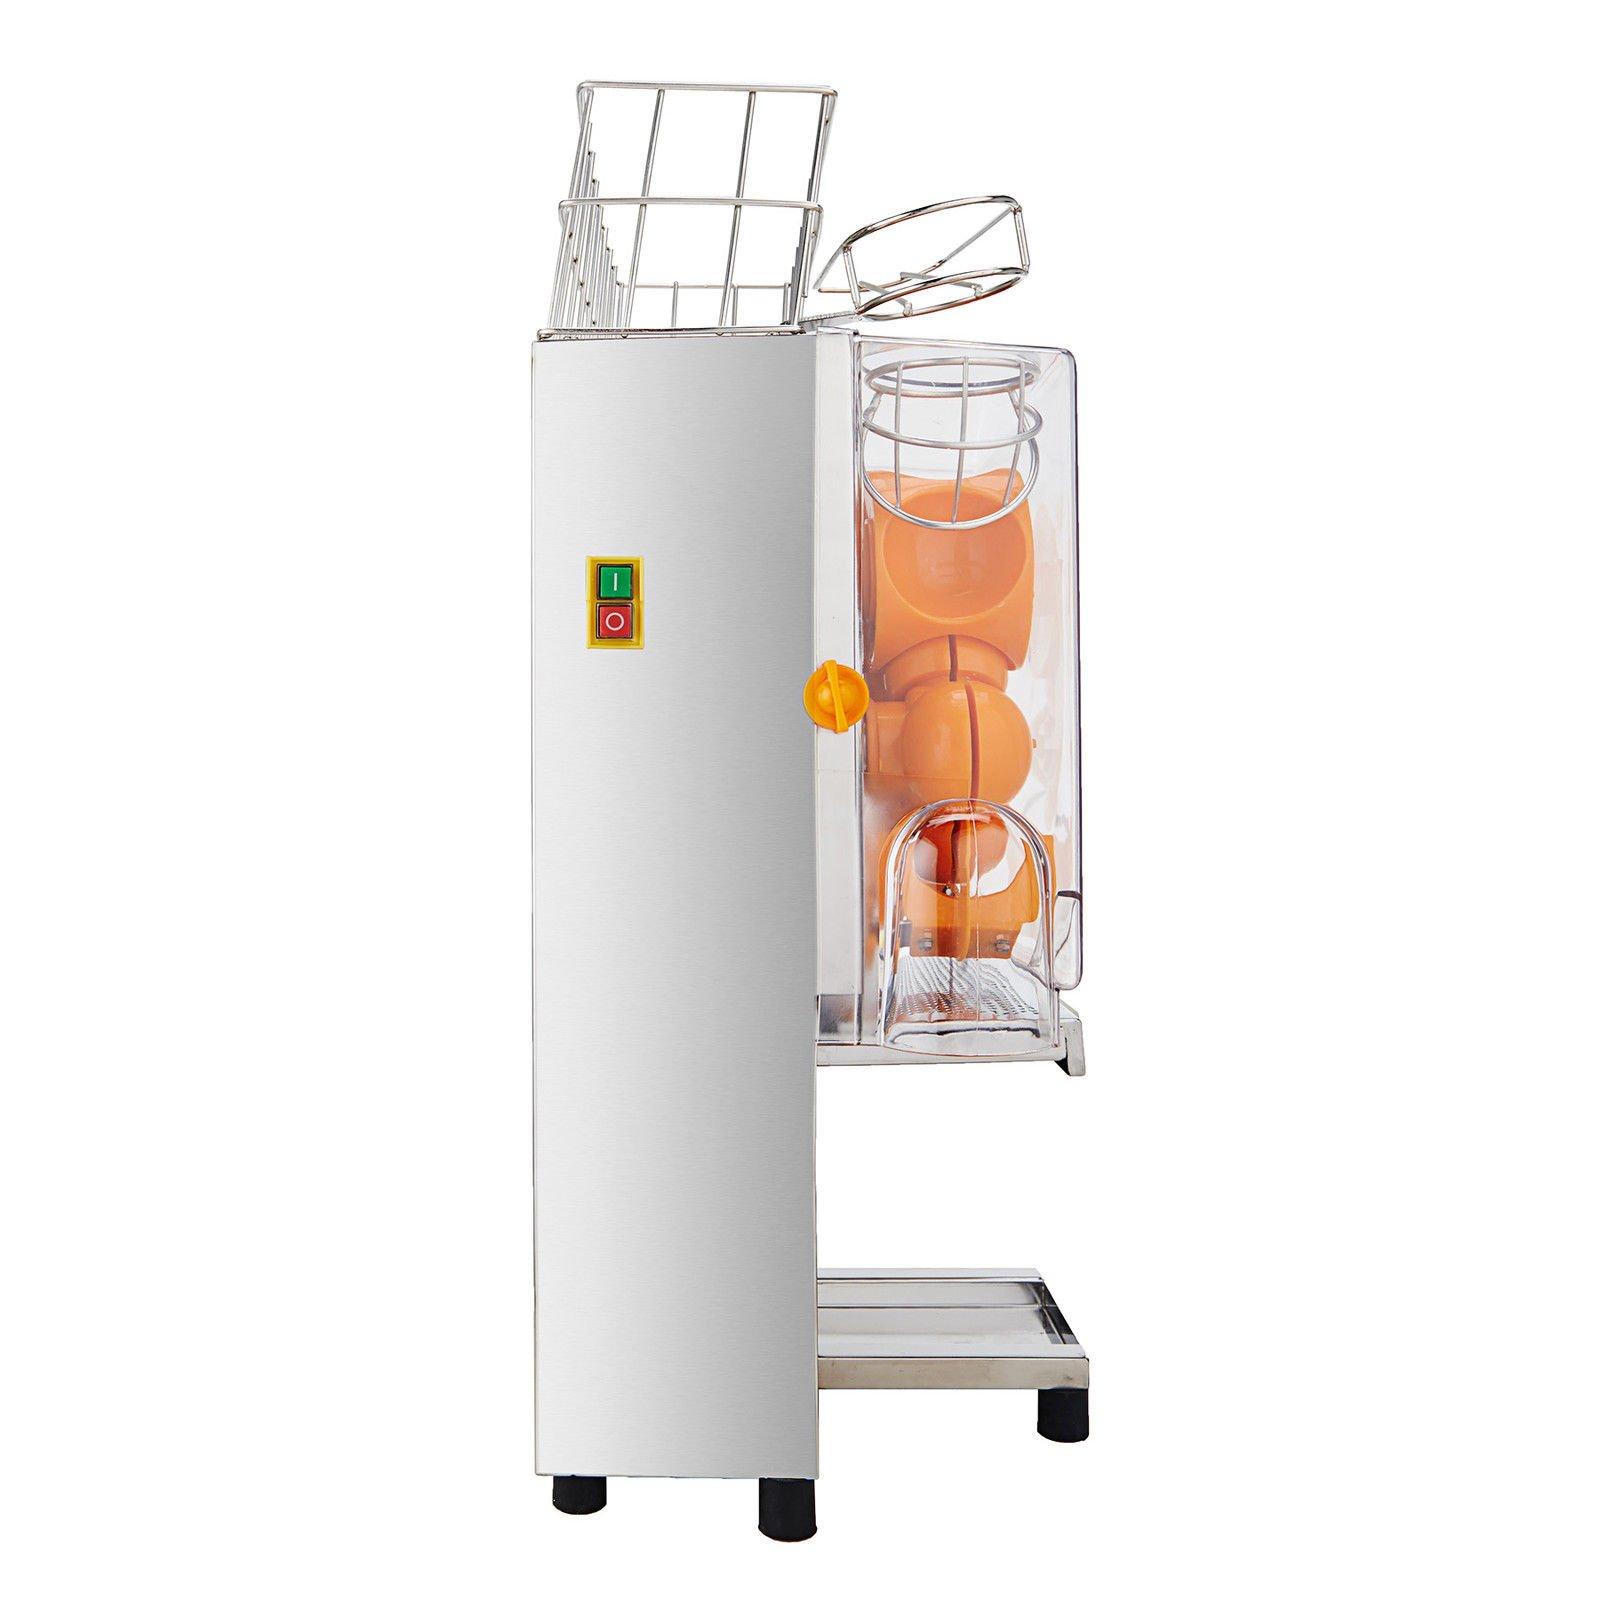 Moracle Juicer Licuadora para Fruta 120W Licuadora Exprimidor ...